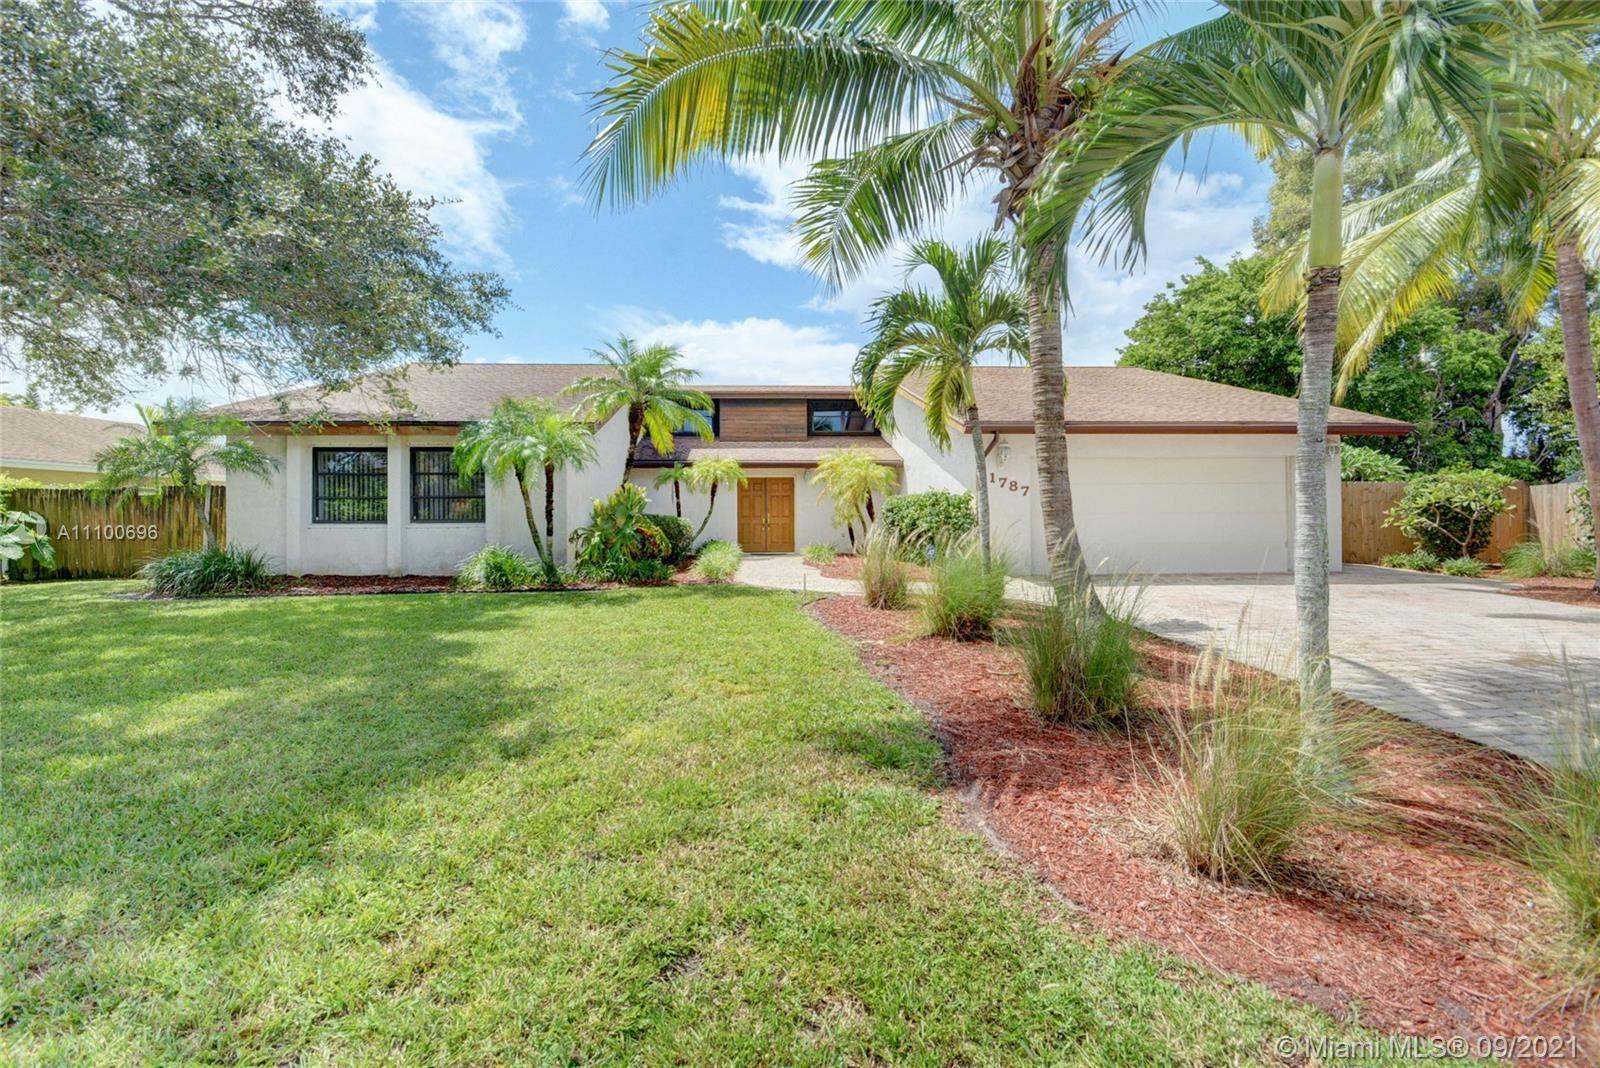 1787 Richard Ln, Palm Springs, FL 33406 - #: A11100696